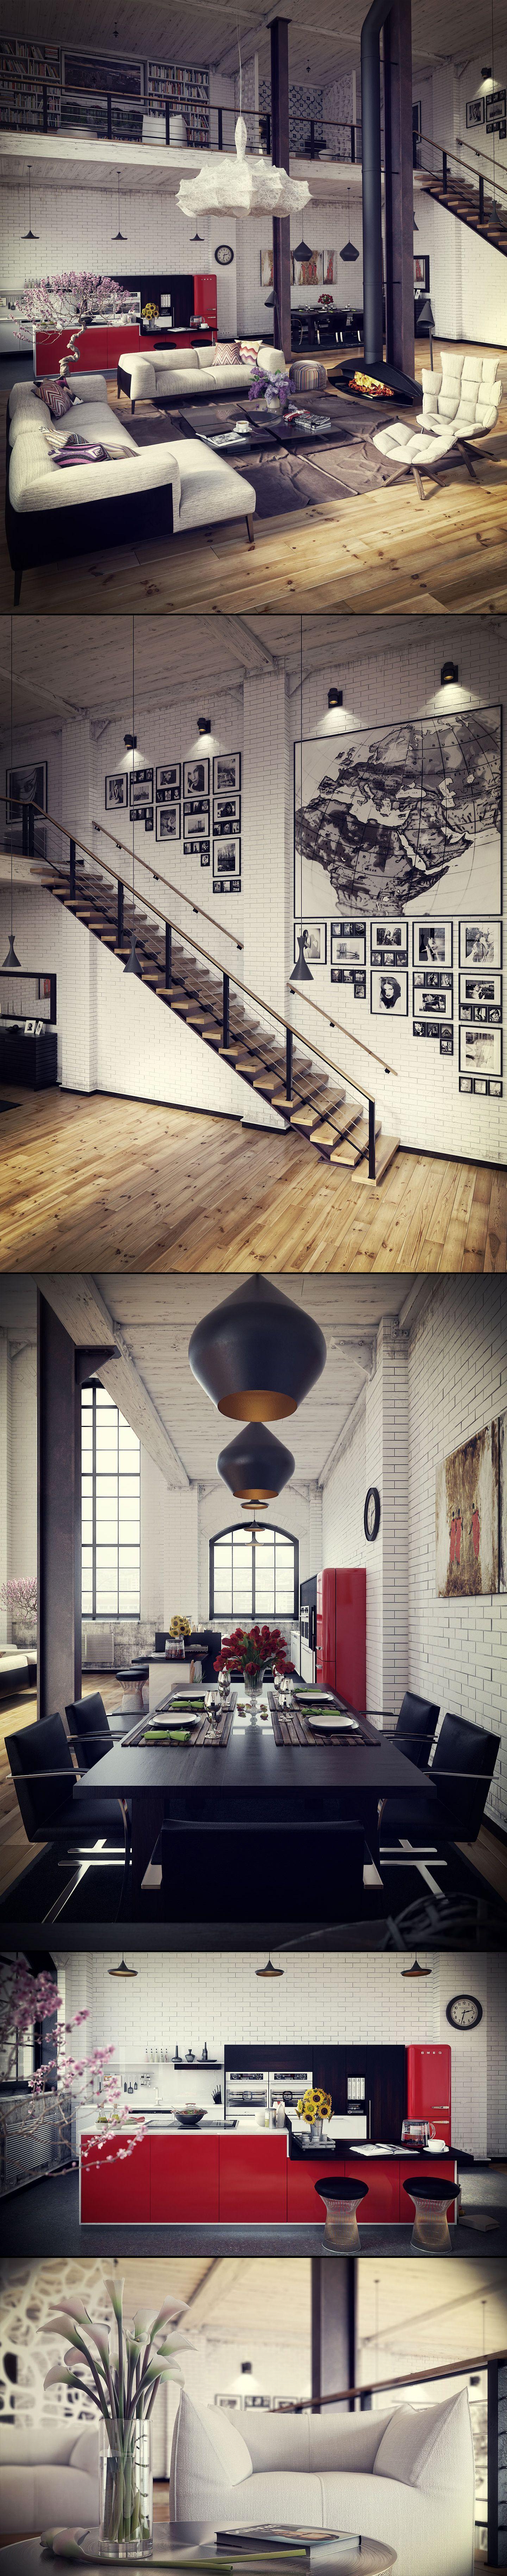 Le Industrial Design las lámparas de este ambiente industrial le dan el toque